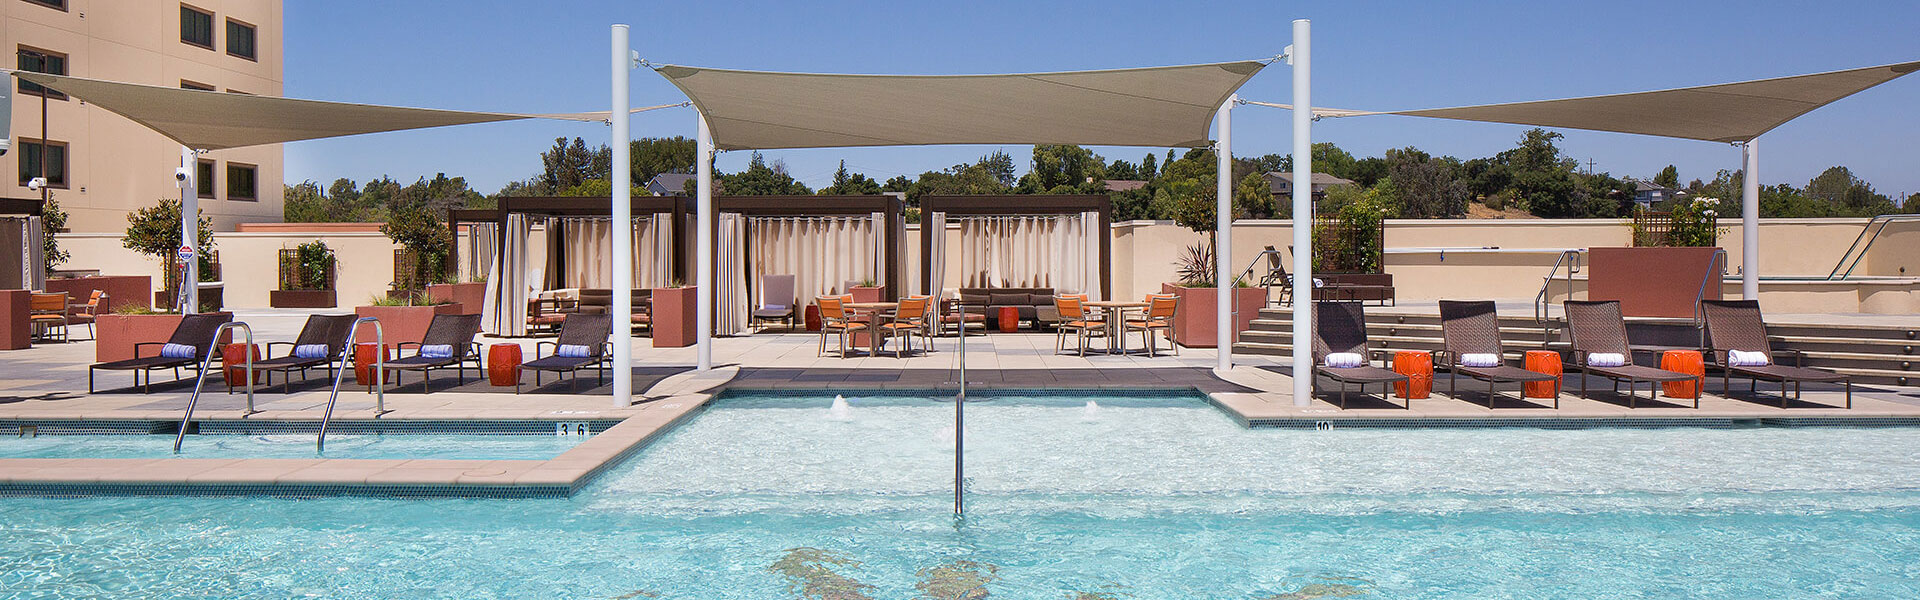 Pool at Chumash Casino Resort